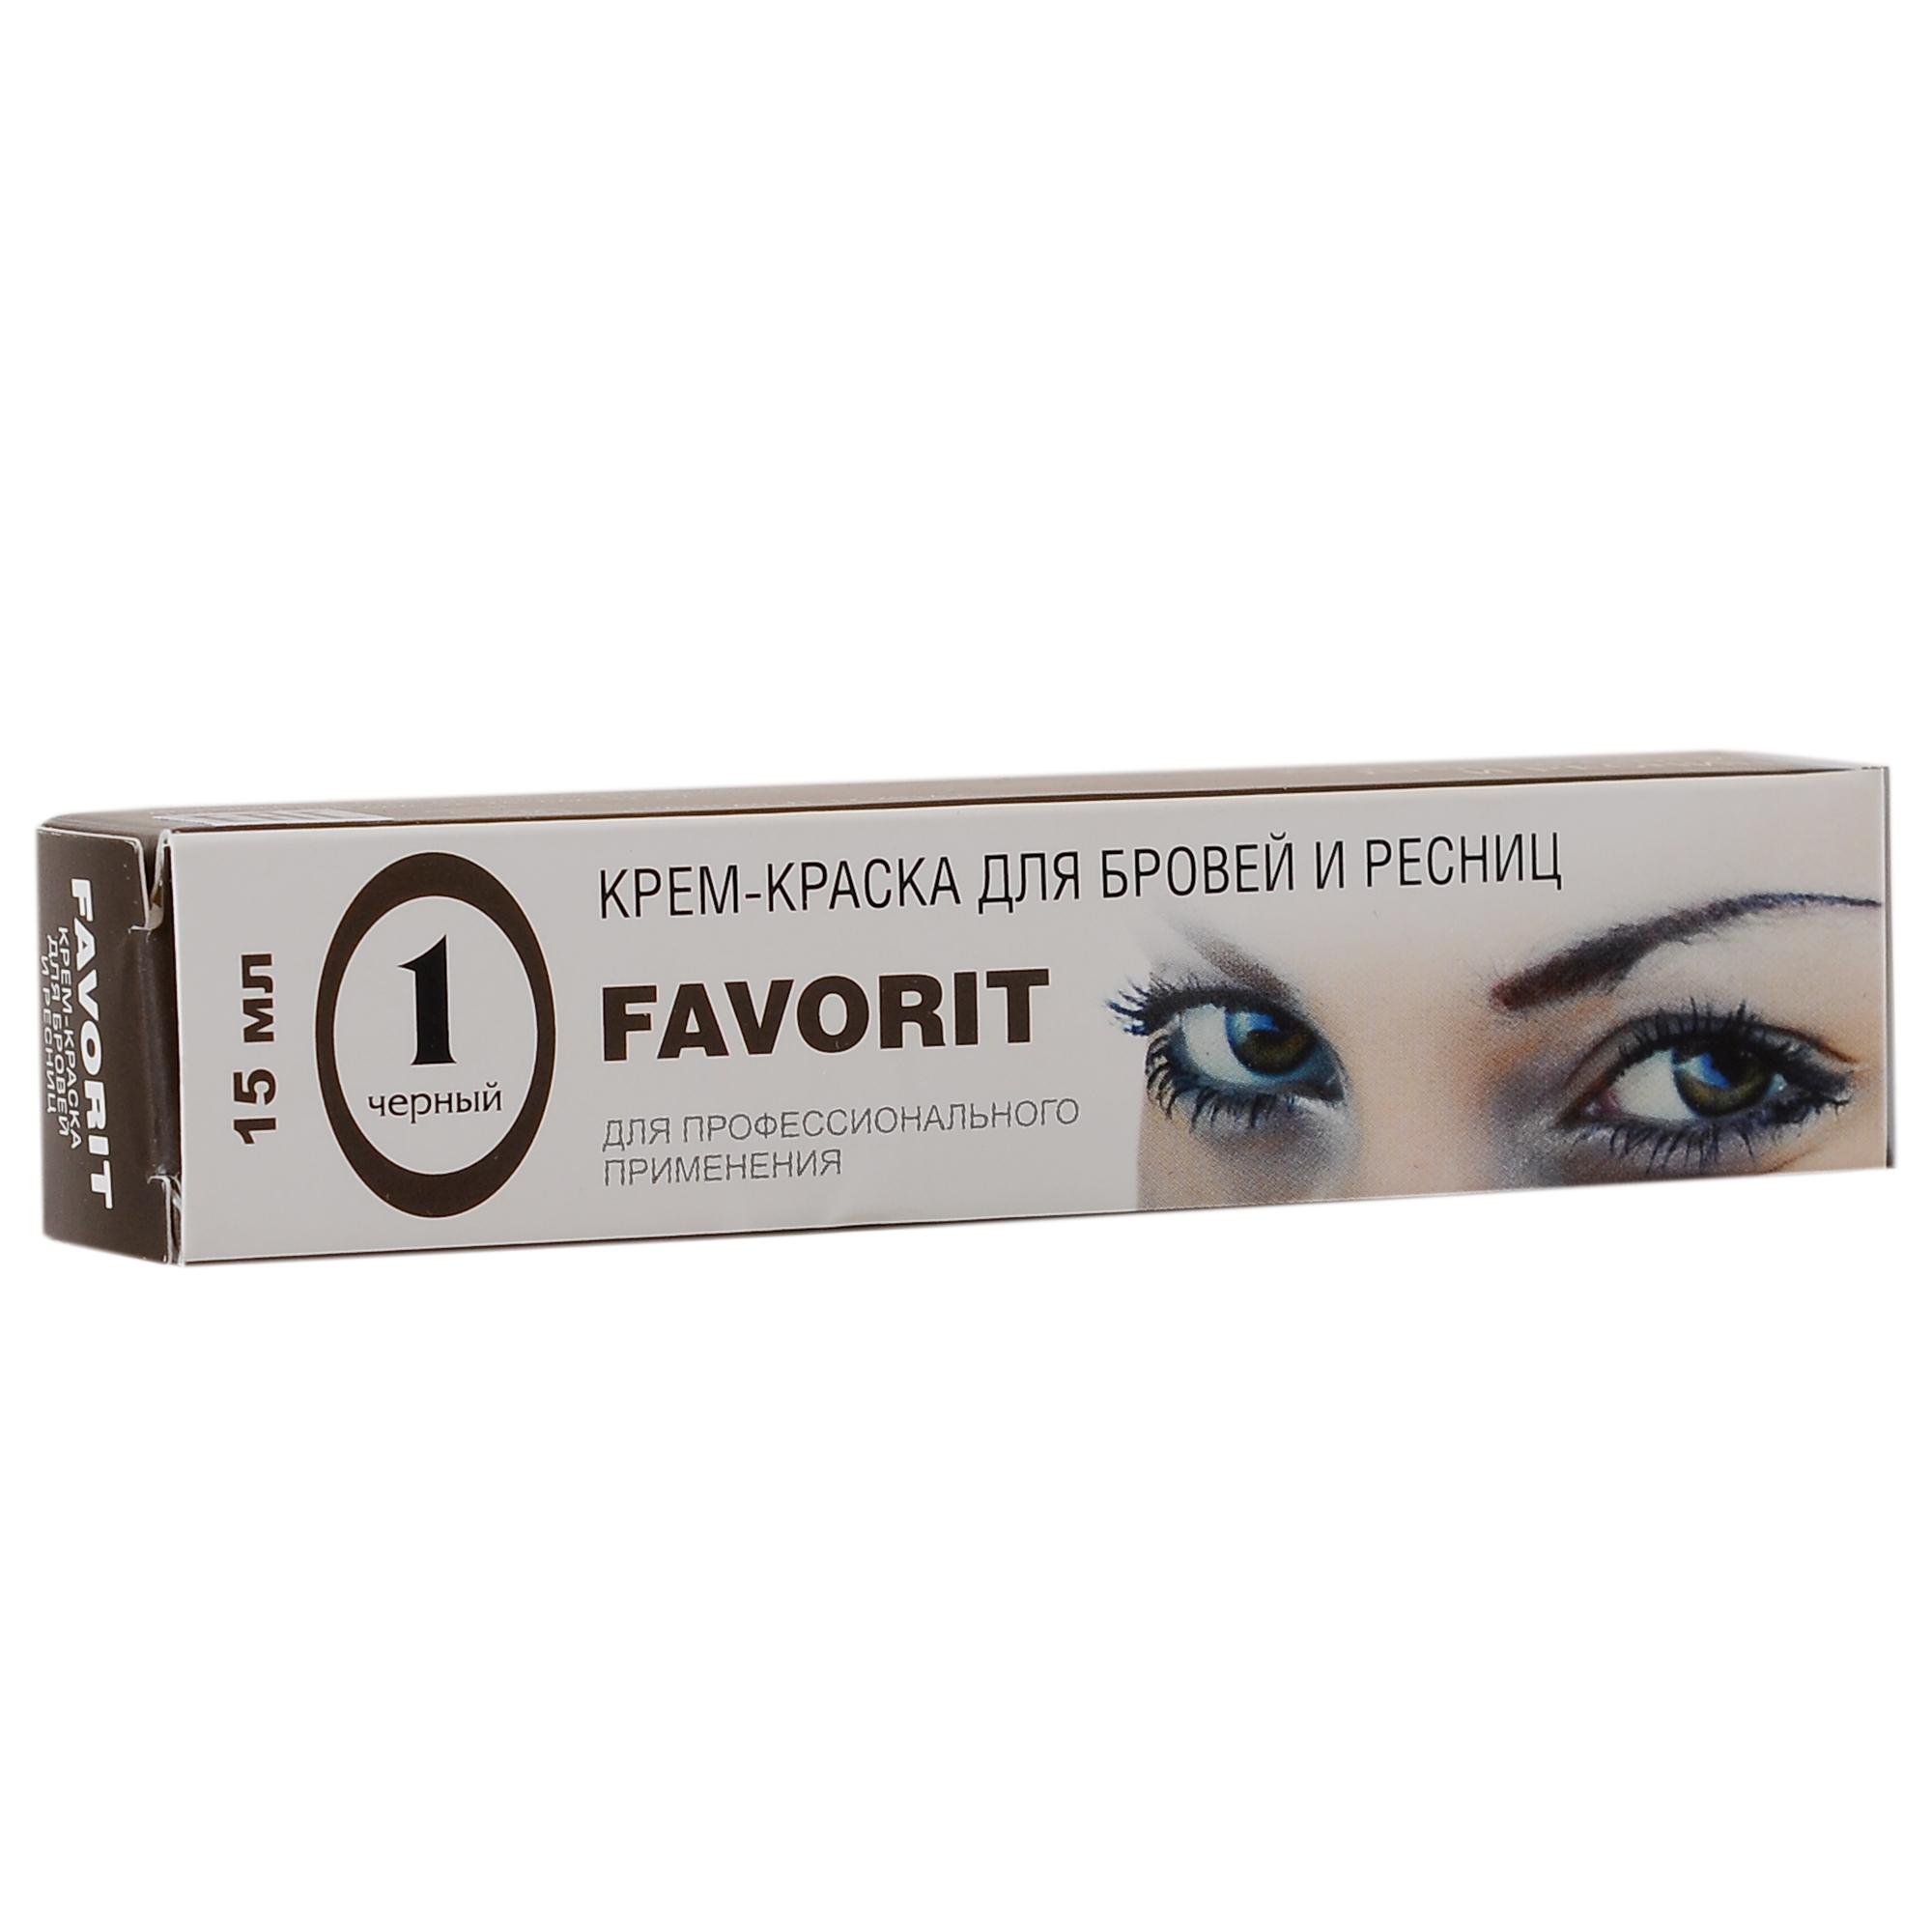 FARMAVITA Краска для бровей и ресниц черная / FAVORIT 15 млКраски для бровей<br>Брови и ресницы, окрашенные крем-краской FAVORIT выглядят более яркими, привлекательными и объемными по всей длине. Окраска бровей и ресниц избавляет от ежедневной необходимости красить глаза и брови, а также от подведения и поправки макияжа в течение дня. Оттенок   1 черный: окрашивает каждый волосок в насыщенный черный цвет Преимущества: Простота и экономичность в использовании: тюбика 15 мл хватает на 30 применений 100% закрашивание седины&amp;nbsp; Короткое время воздействия - от 5 до 10 минут&amp;nbsp; Стойкие и красивые цвета&amp;nbsp; Безопасность&amp;nbsp; Доступная цена&amp;nbsp; Цвет держится до 6 недель.&amp;nbsp;Наилучший результат достигается при регулярном окрашивании, потому что с каждой процедурой красящие пигменты глубже проникают в структуру ресниц, делая цвет более стойким и ярким.<br><br>Объем: 15 мл